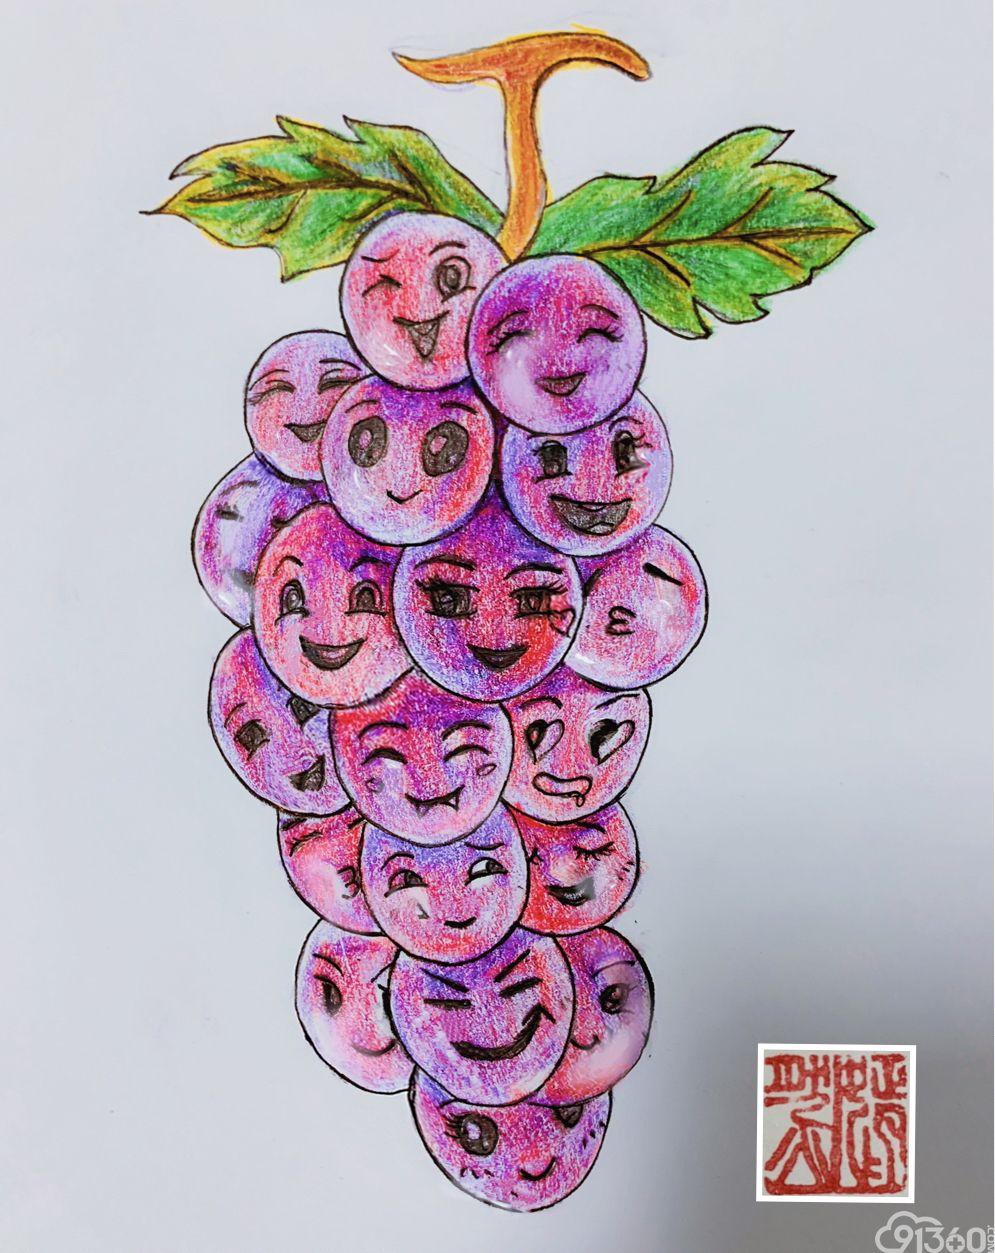 手绘病理世界—《笑脸》